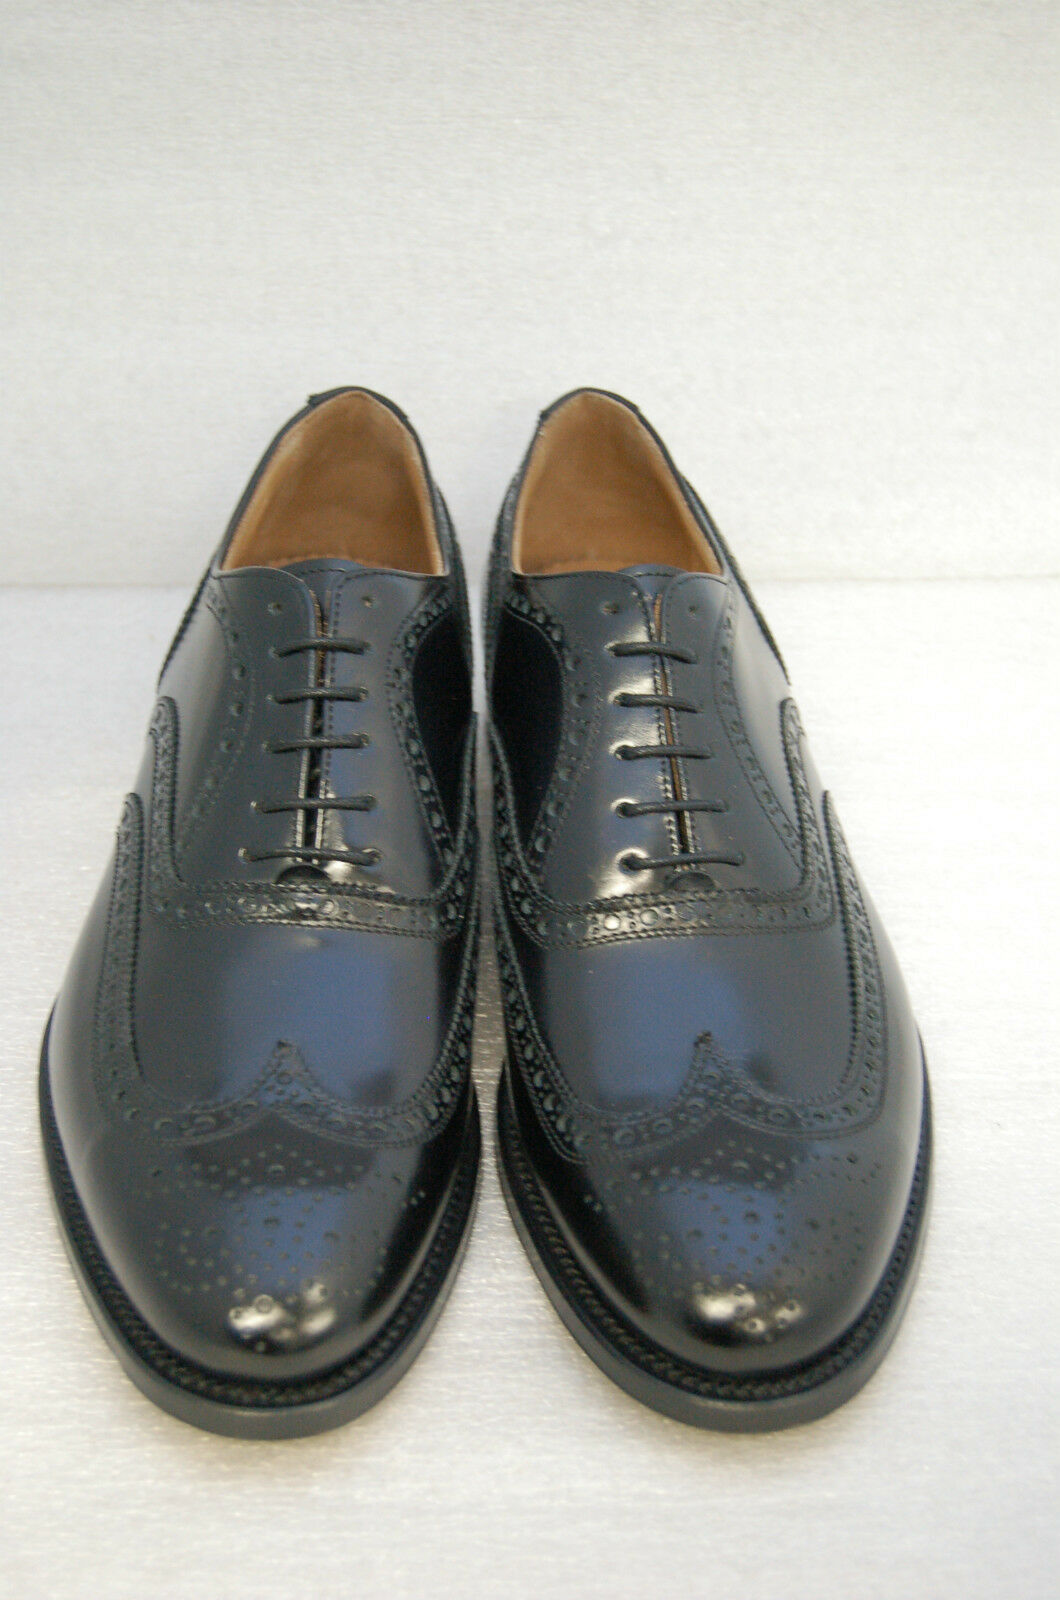 MAN -44- OXFORD WINGTIP 10- 10- 10- nero CALF W  PERFS AND MEDALLION - LEATHER SOLE | Molti stili  | Maschio/Ragazze Scarpa  073488